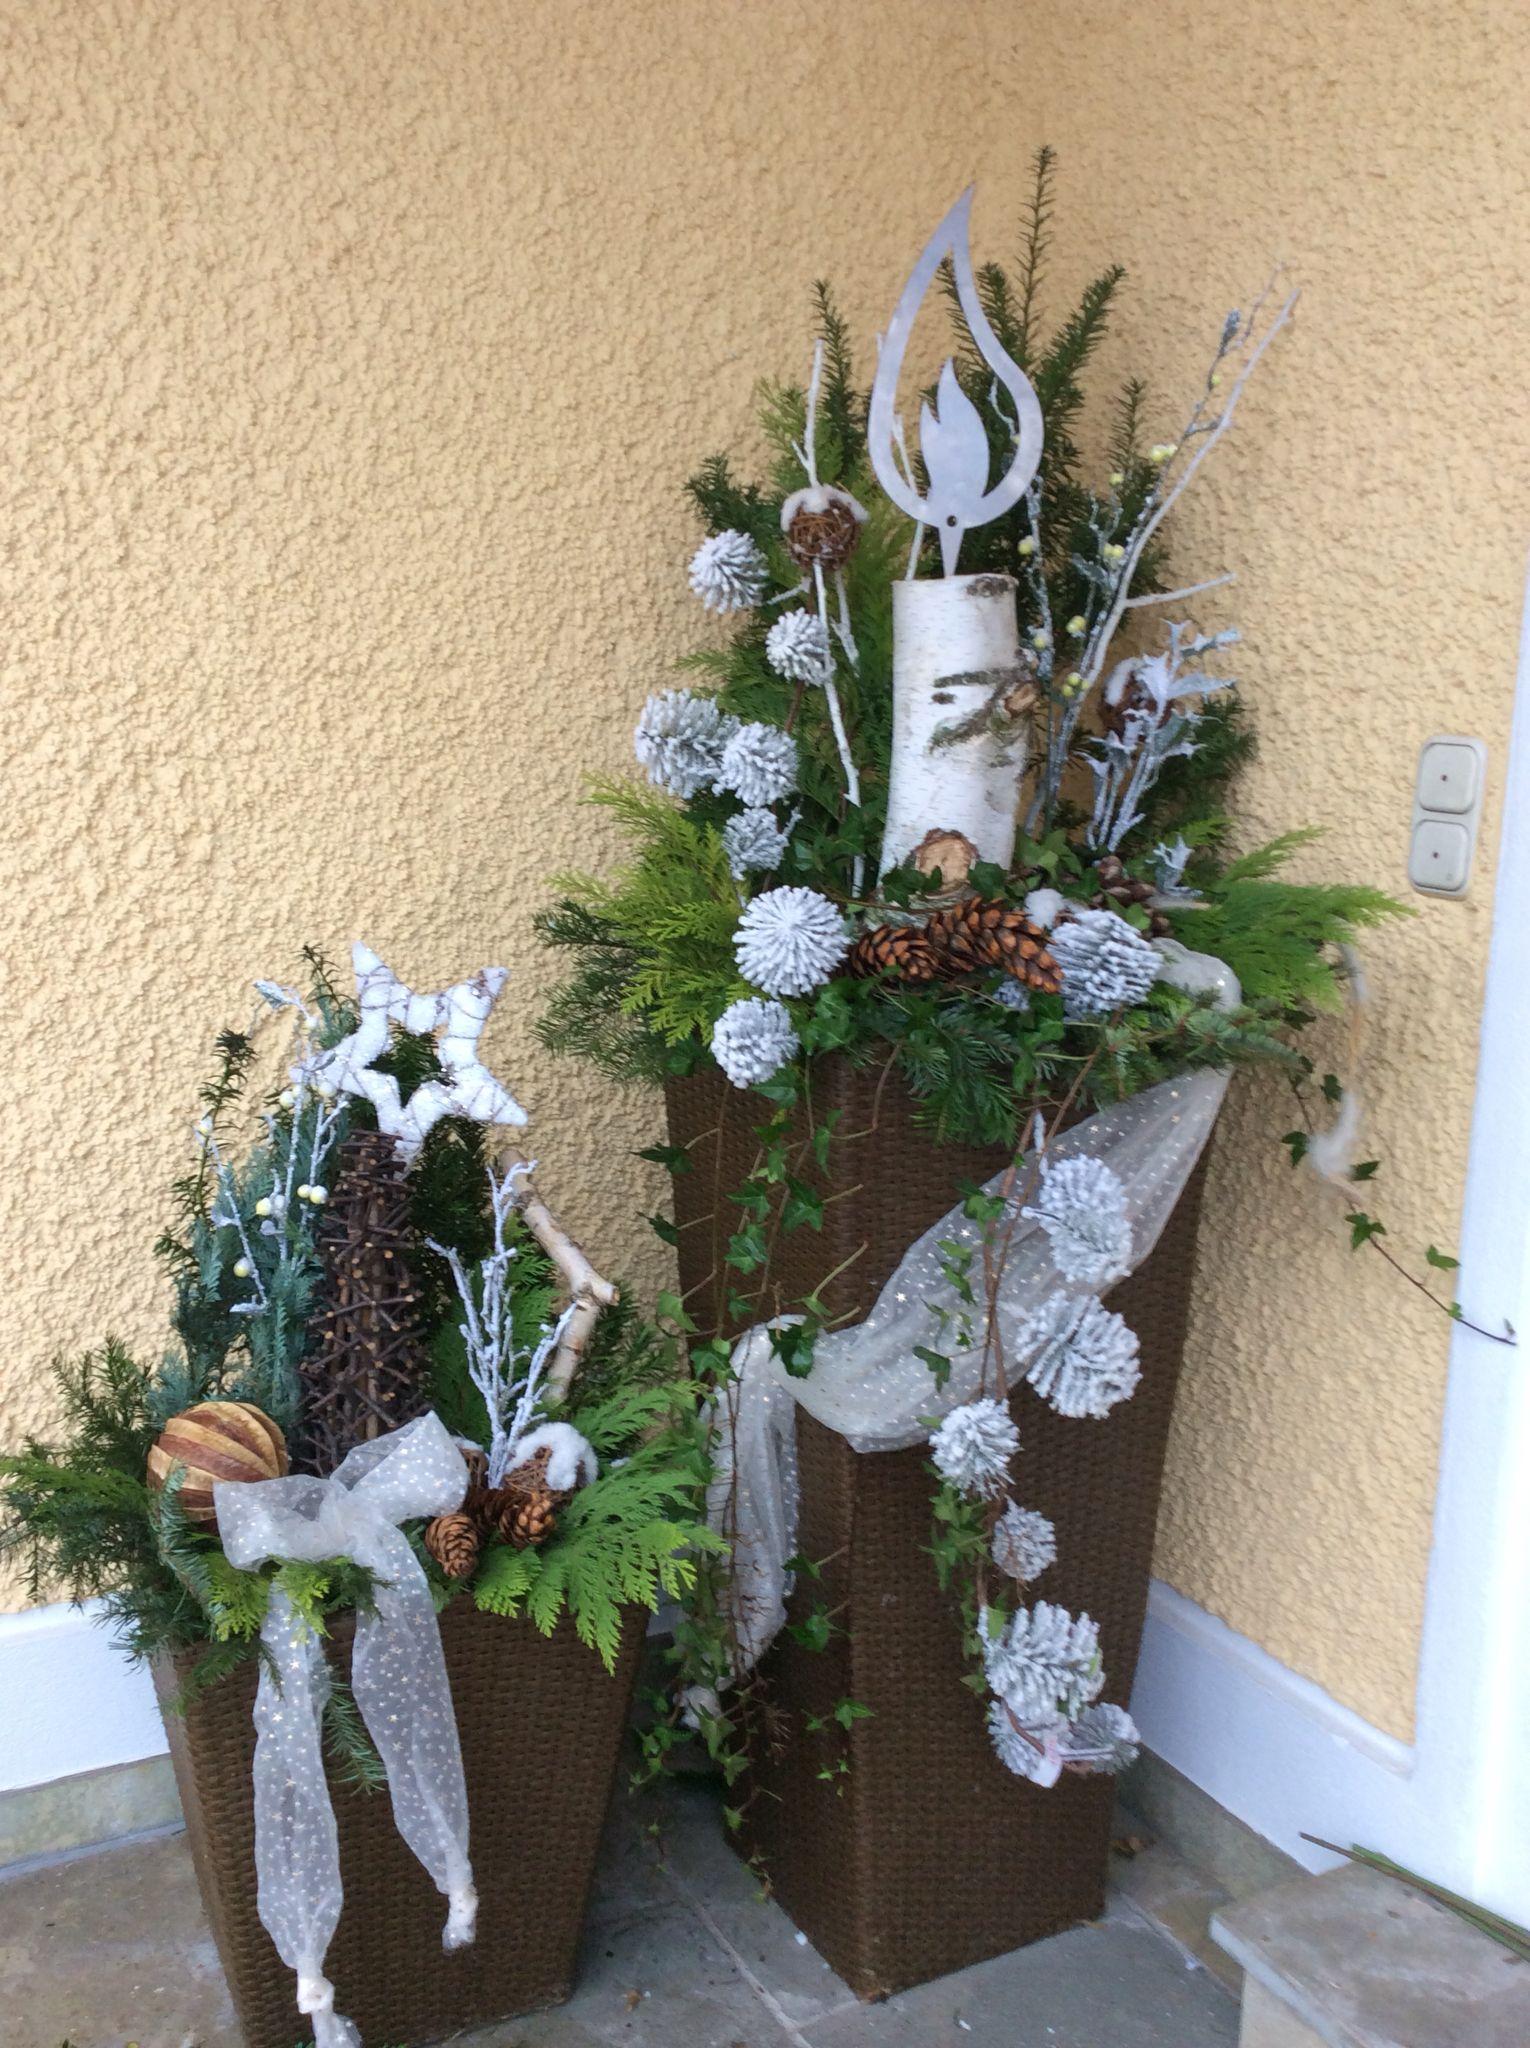 Weihnachtliche deko vor dem haus weihnachtsdeko for Weihnachtliche deko ideen